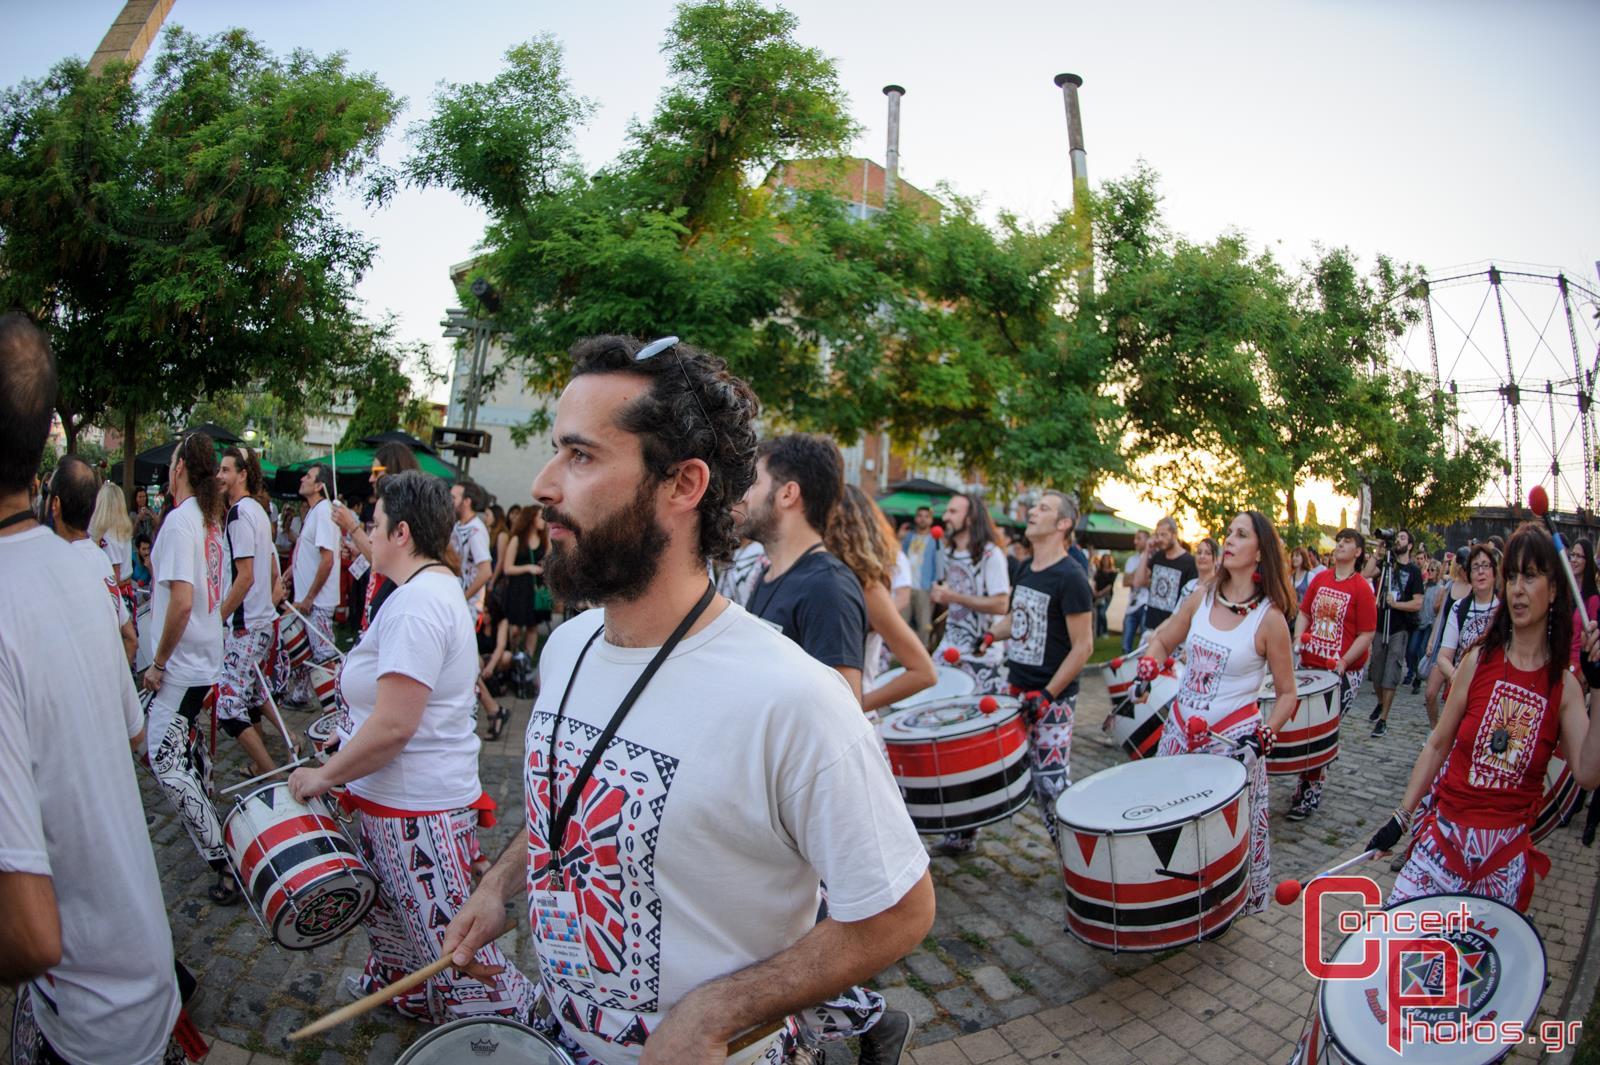 Μία συναυλία για τη Σχεδία 2014-Sxedia 2014 photographer:  - concertphotos_20140526_20_14_29